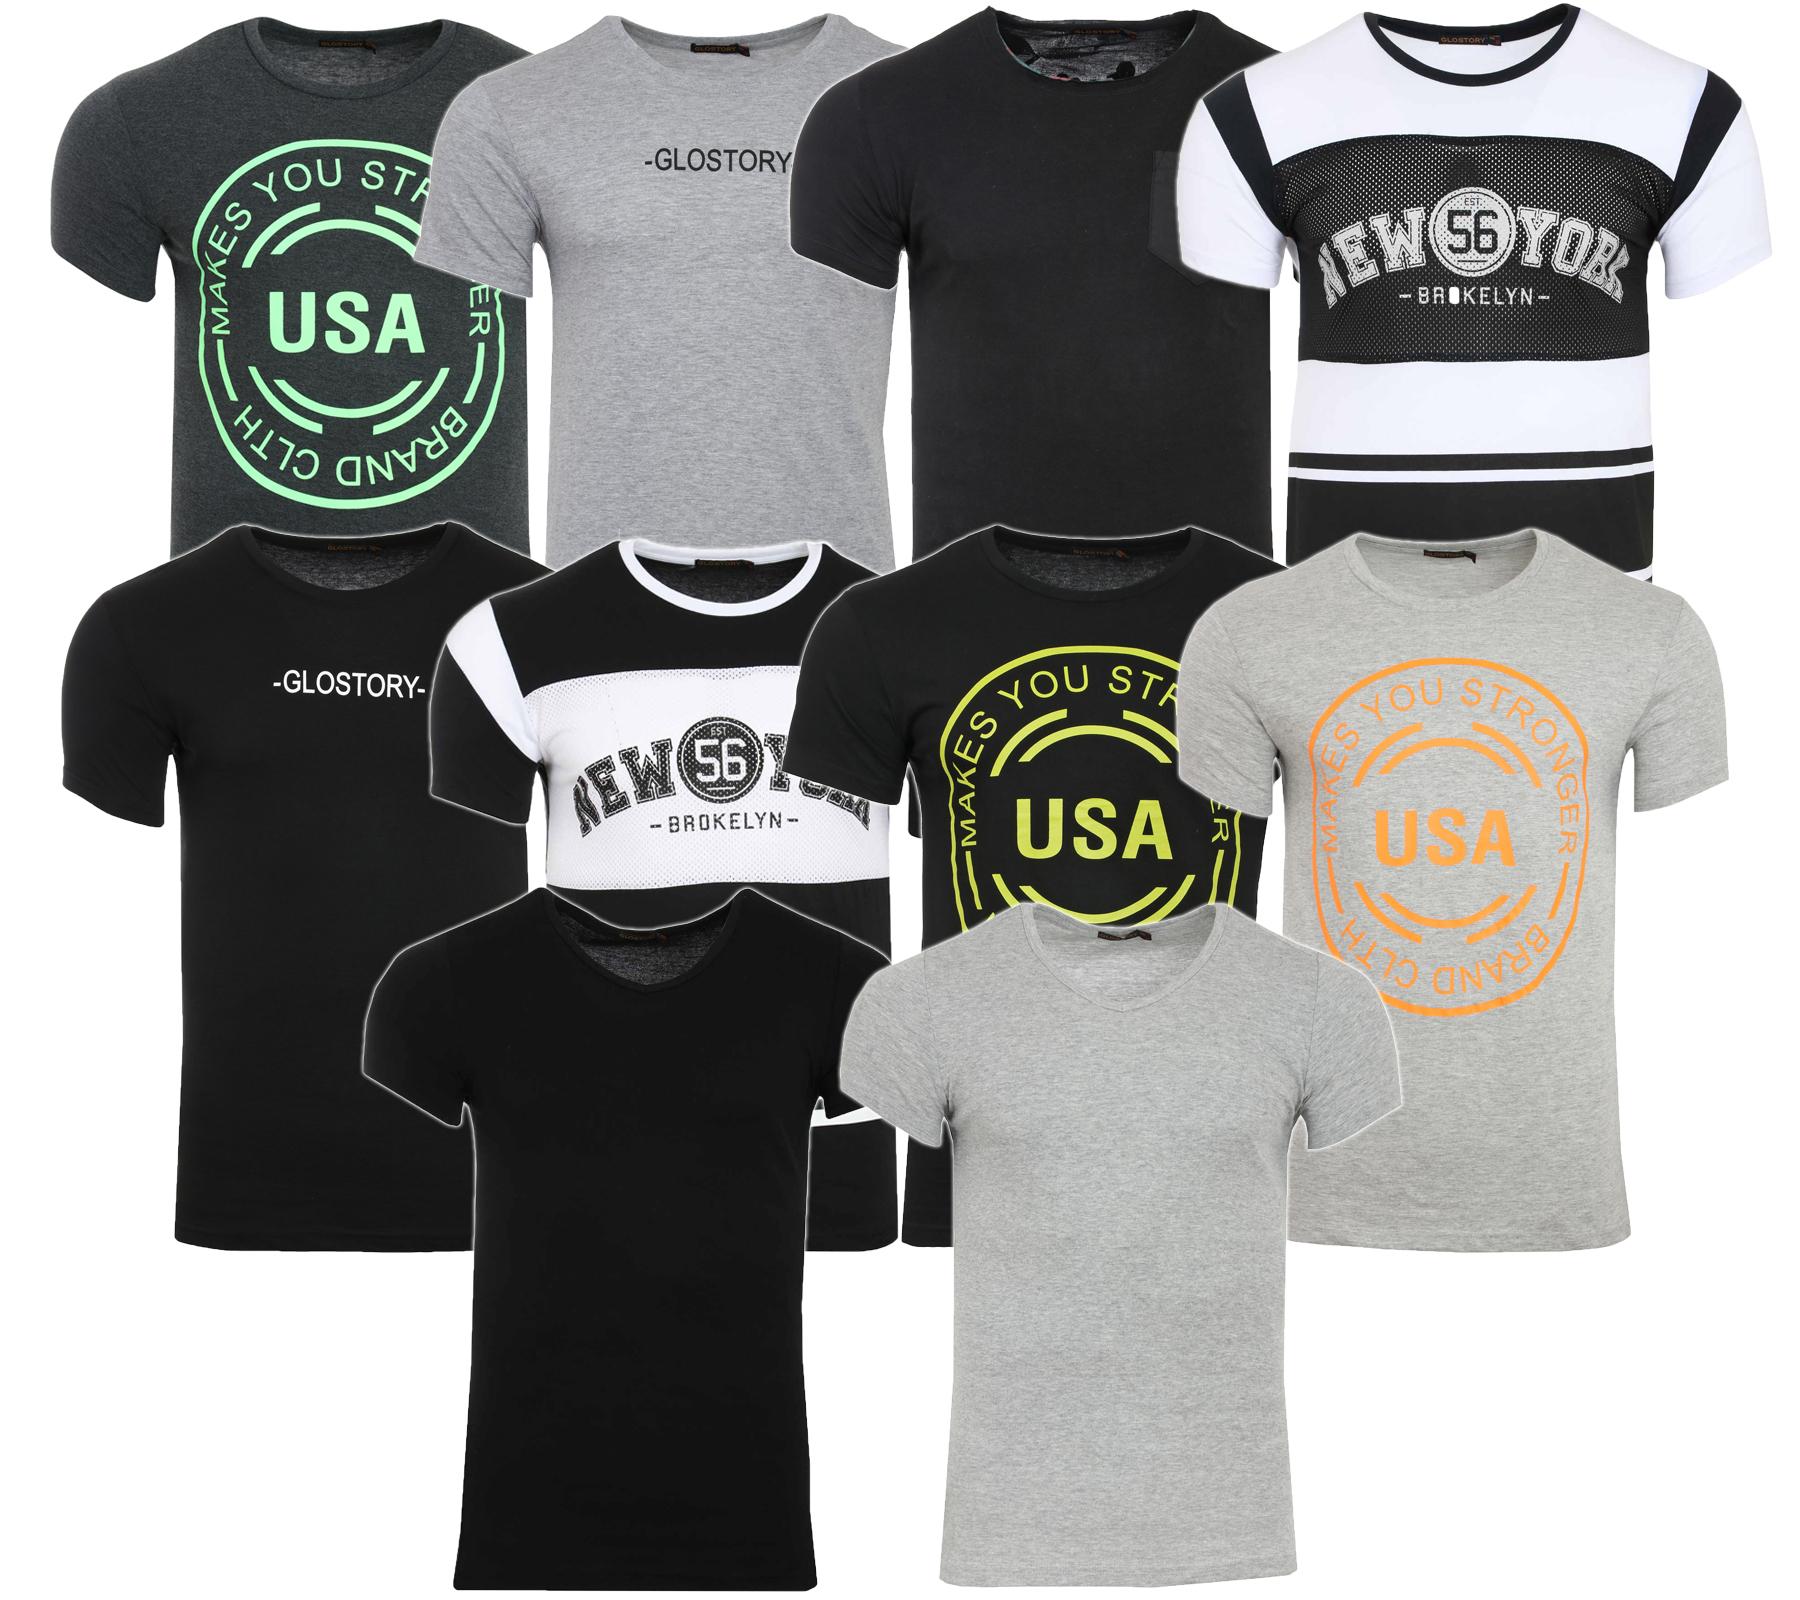 GLO-STORY Herren T-Shirt Freizeit-Shirt für 0,99€ [Outlet46]